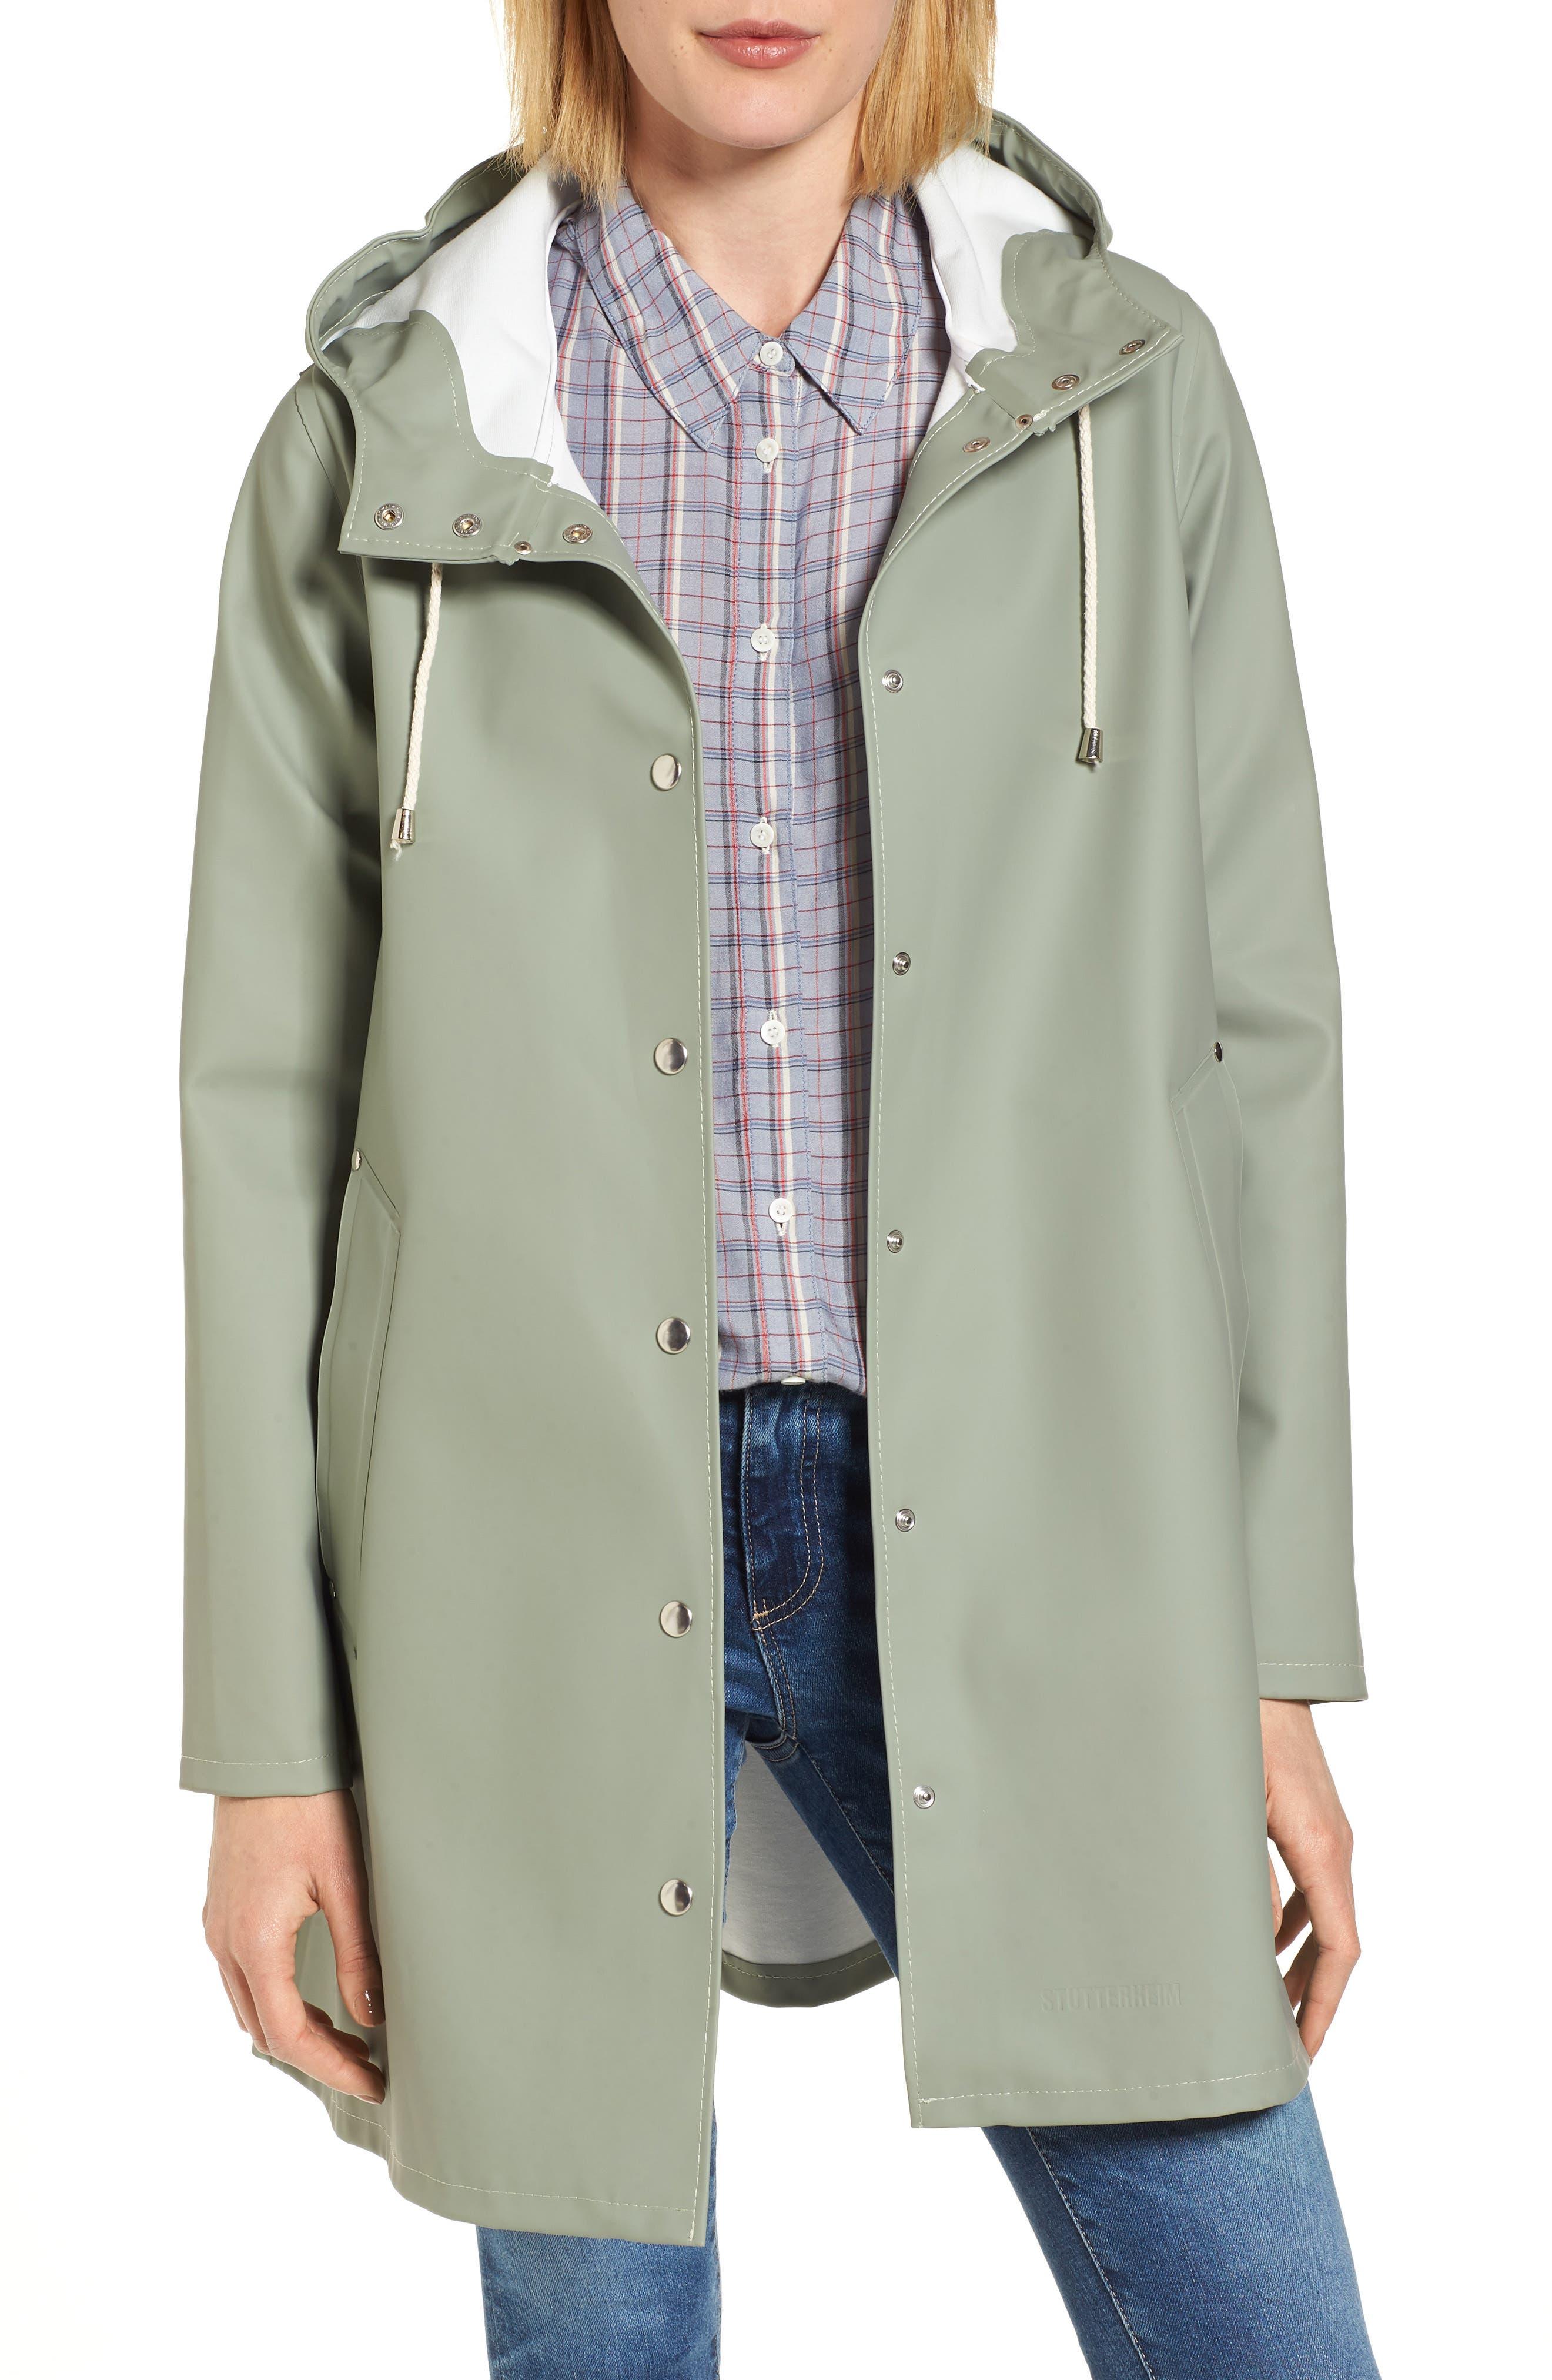 Mosebacke Waterproof A-Line Hooded Raincoat,                         Main,                         color, Khaki Green